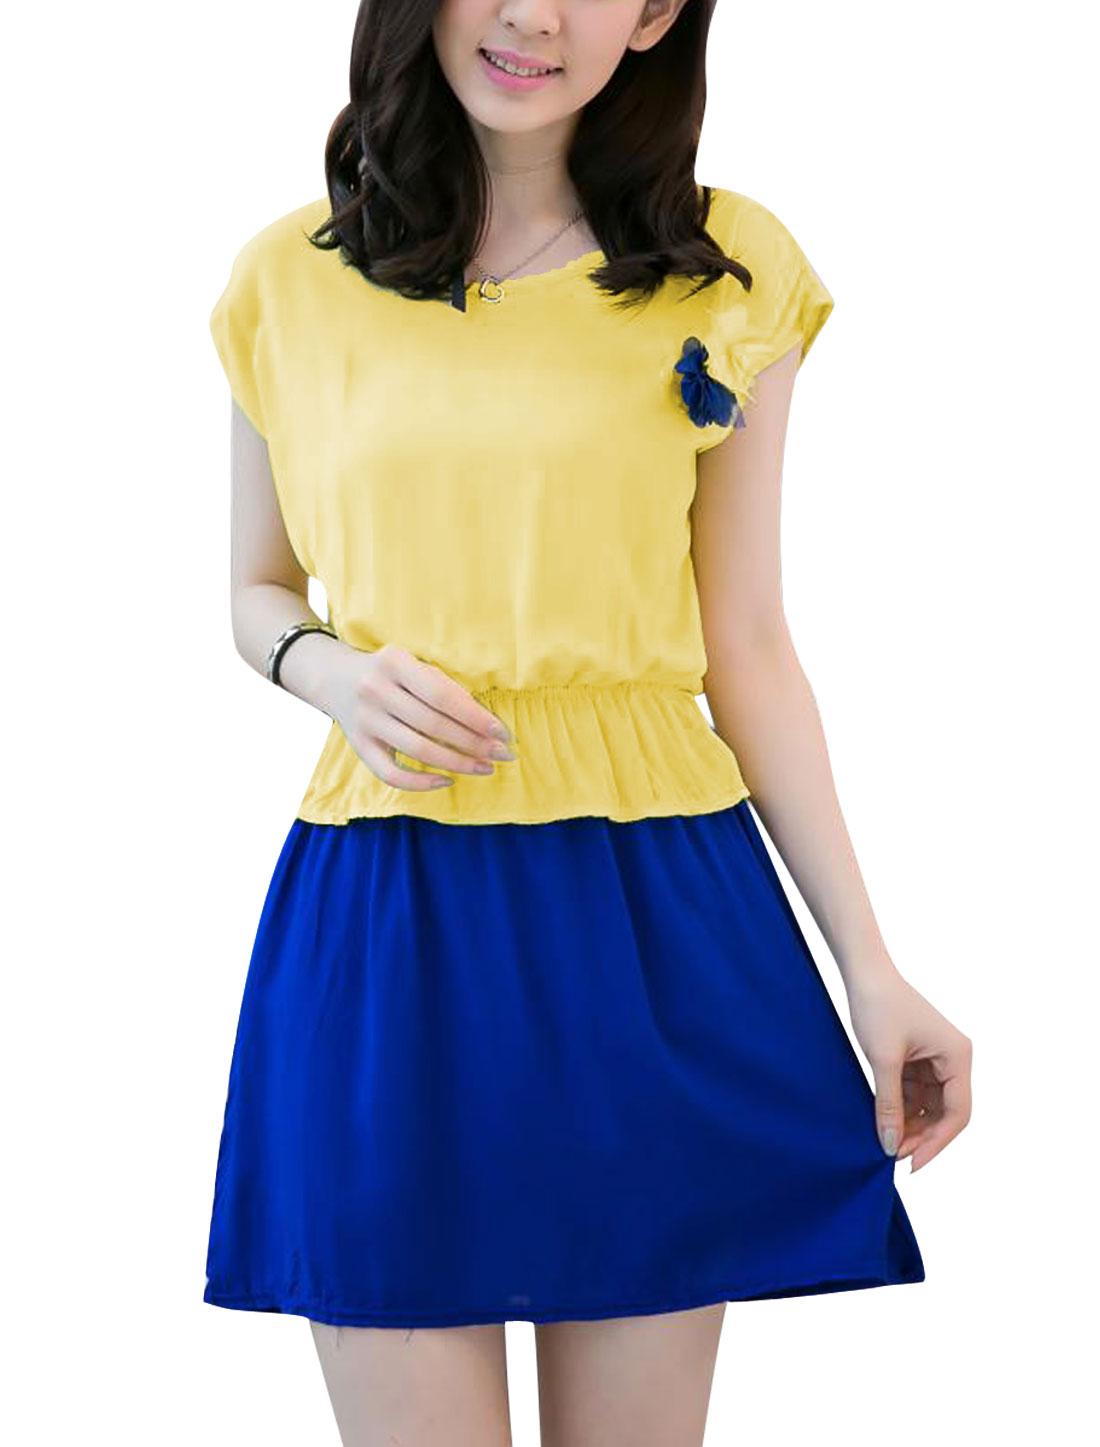 Ladies Round Neck Elastic Waist Sleeveless Peplum Dress Yellow Blue XS